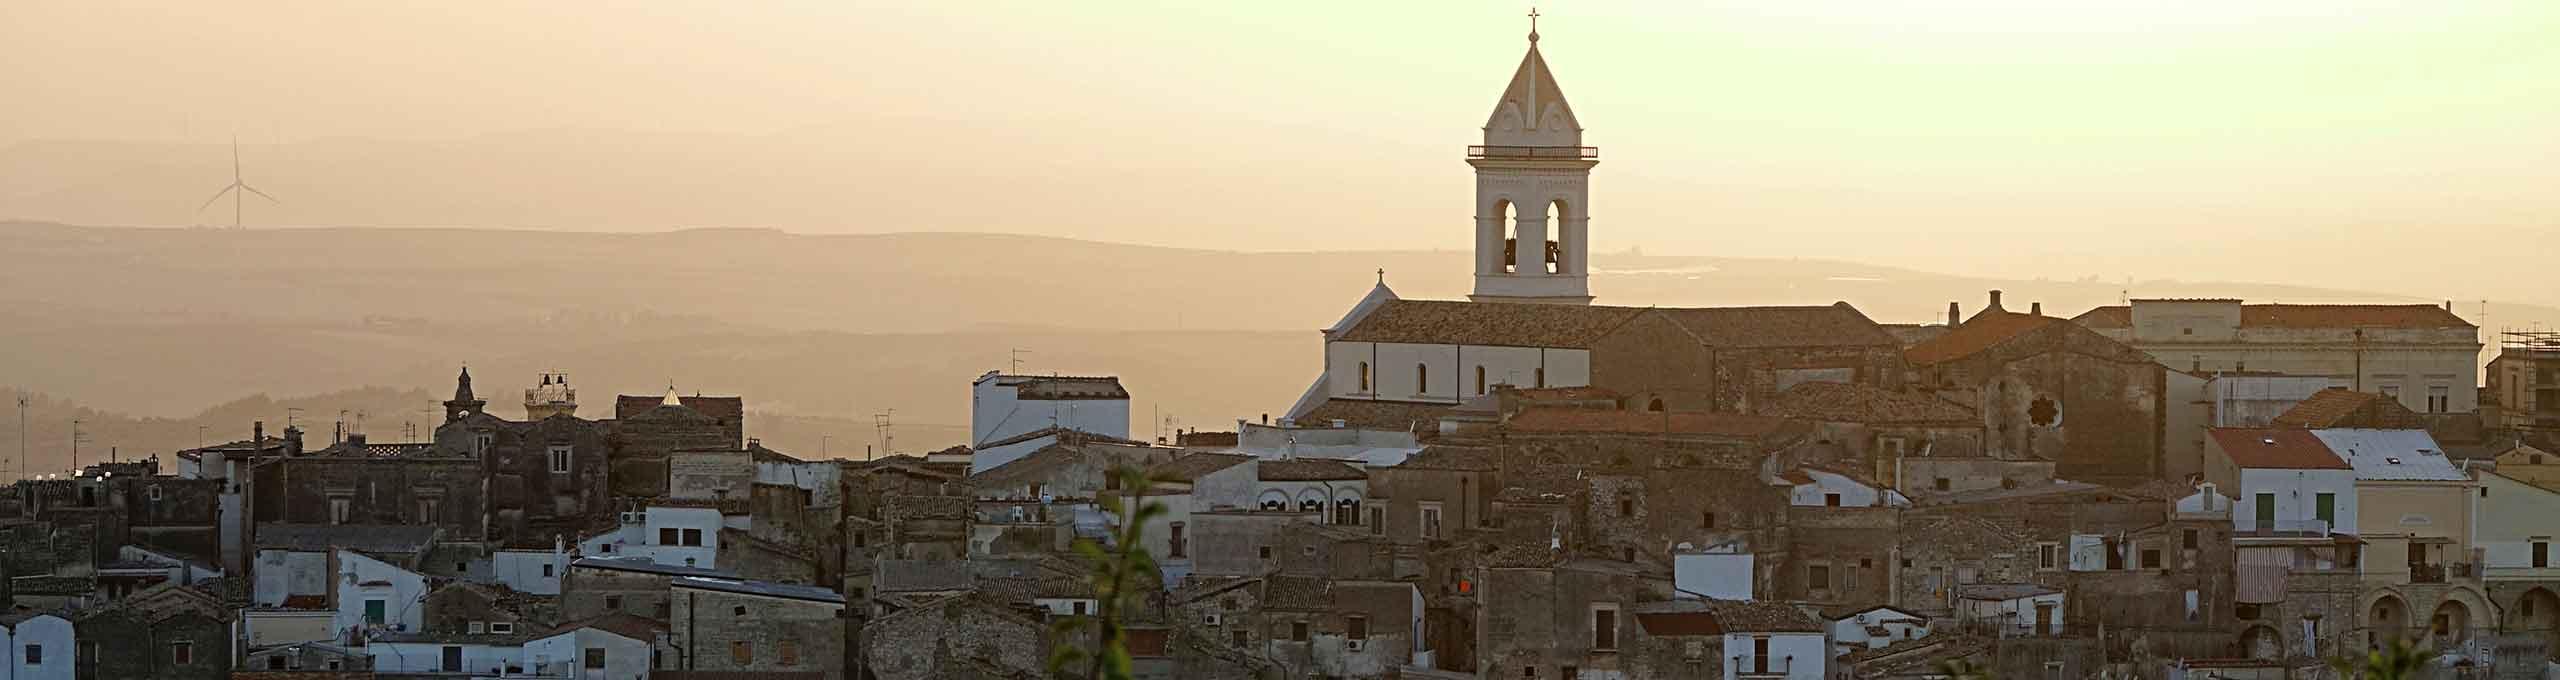 Minervino Murge, Puglia Imperiale